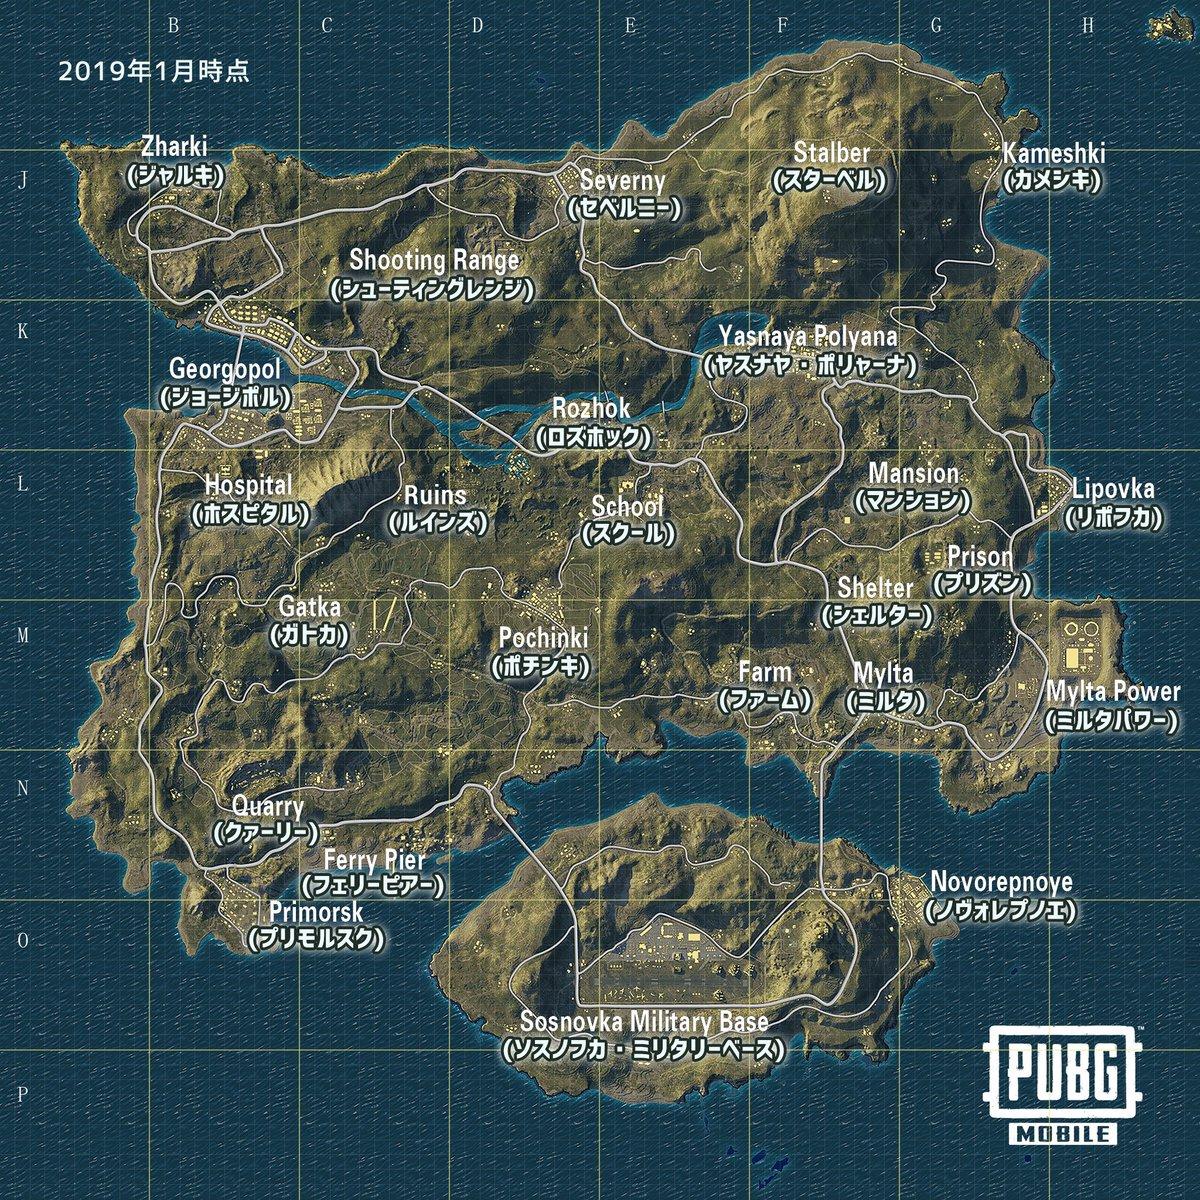 PUBGマップ